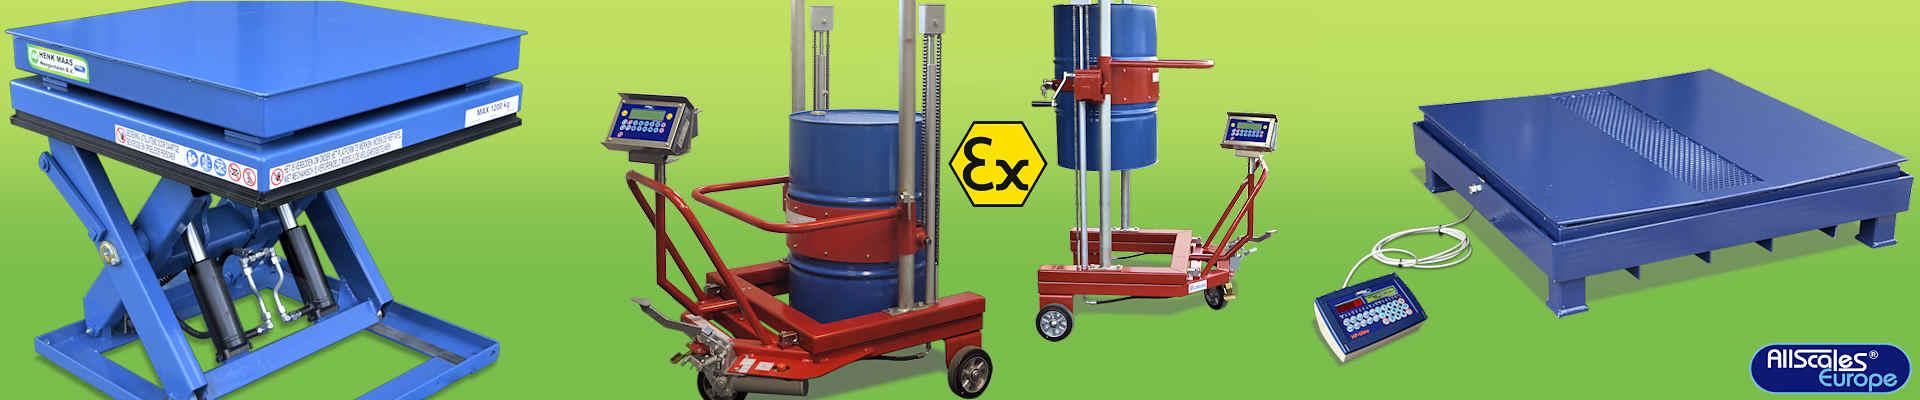 Homepage Slider Industriele Weegschalen